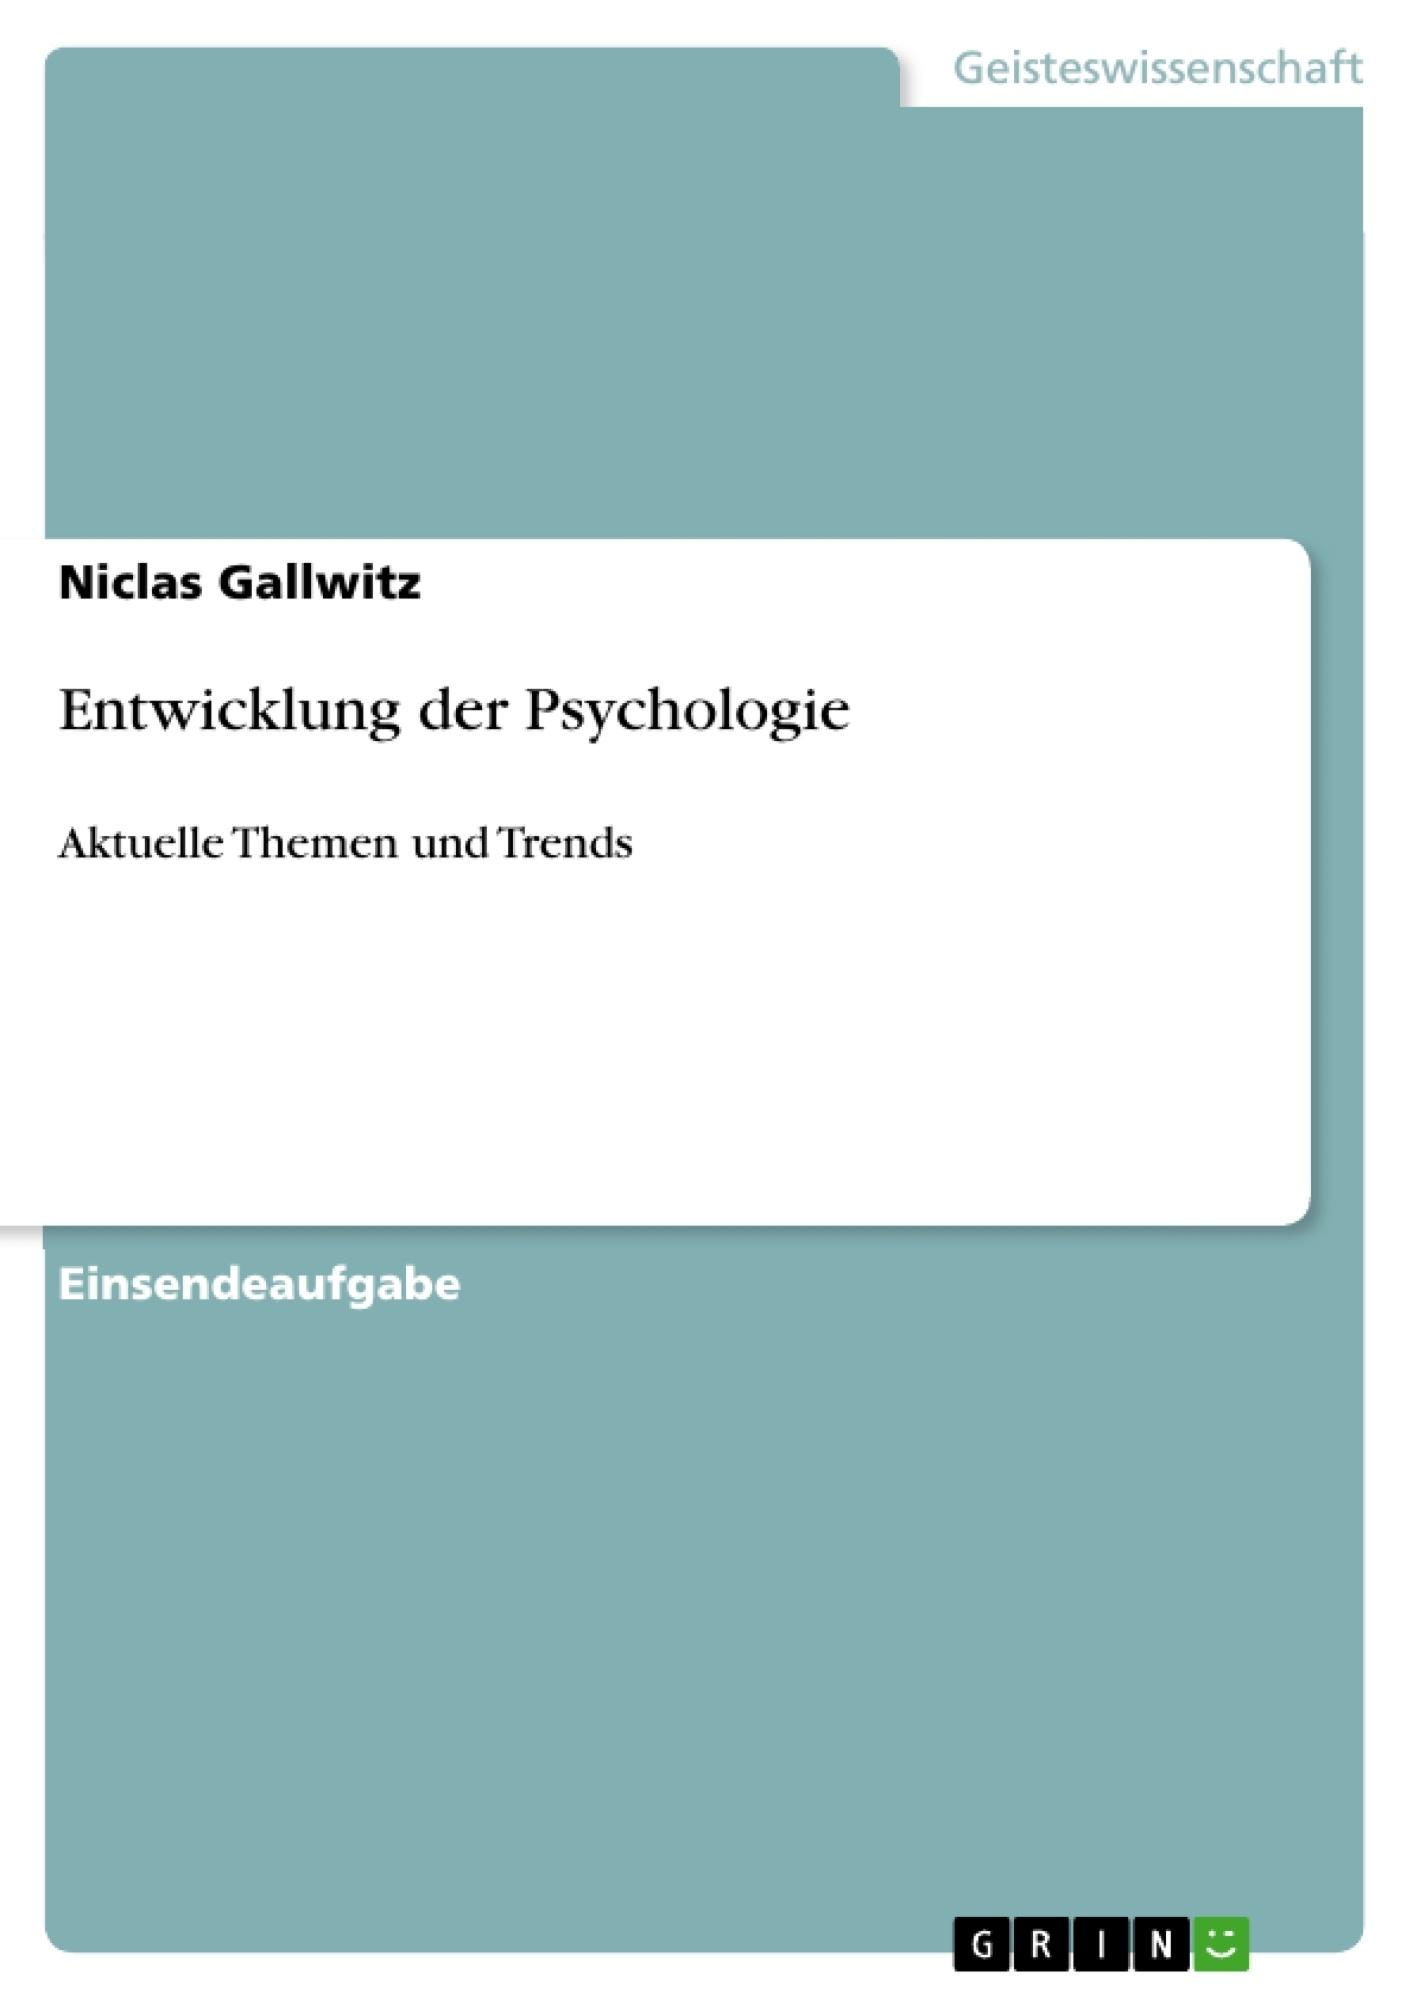 Titel: Entwicklung der Psychologie